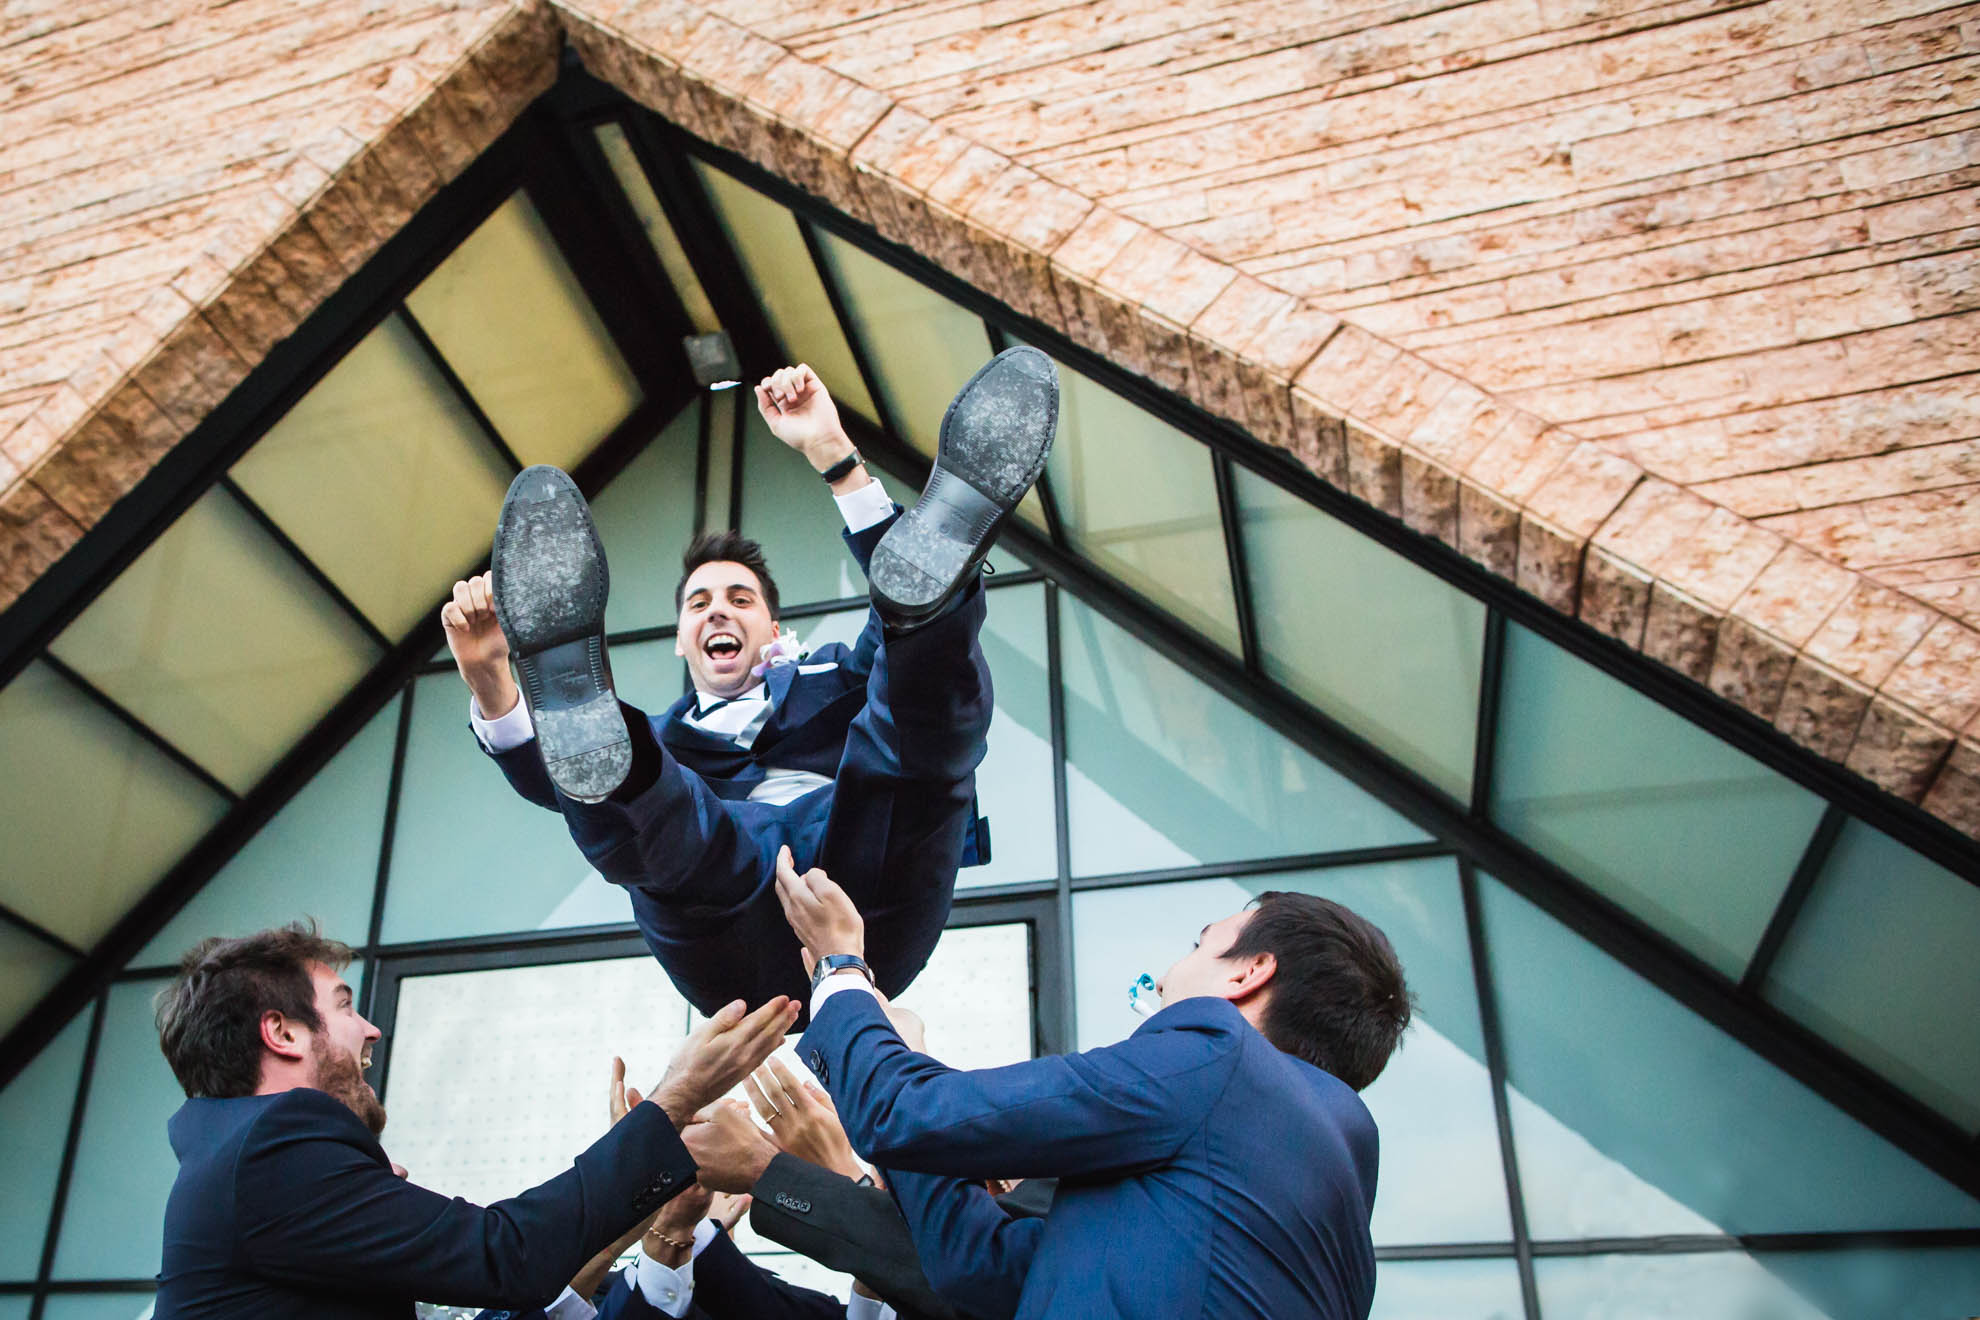 023 Fotografo per Matrimonio Diego Ravenna Pavia_R5D3546-Modifica